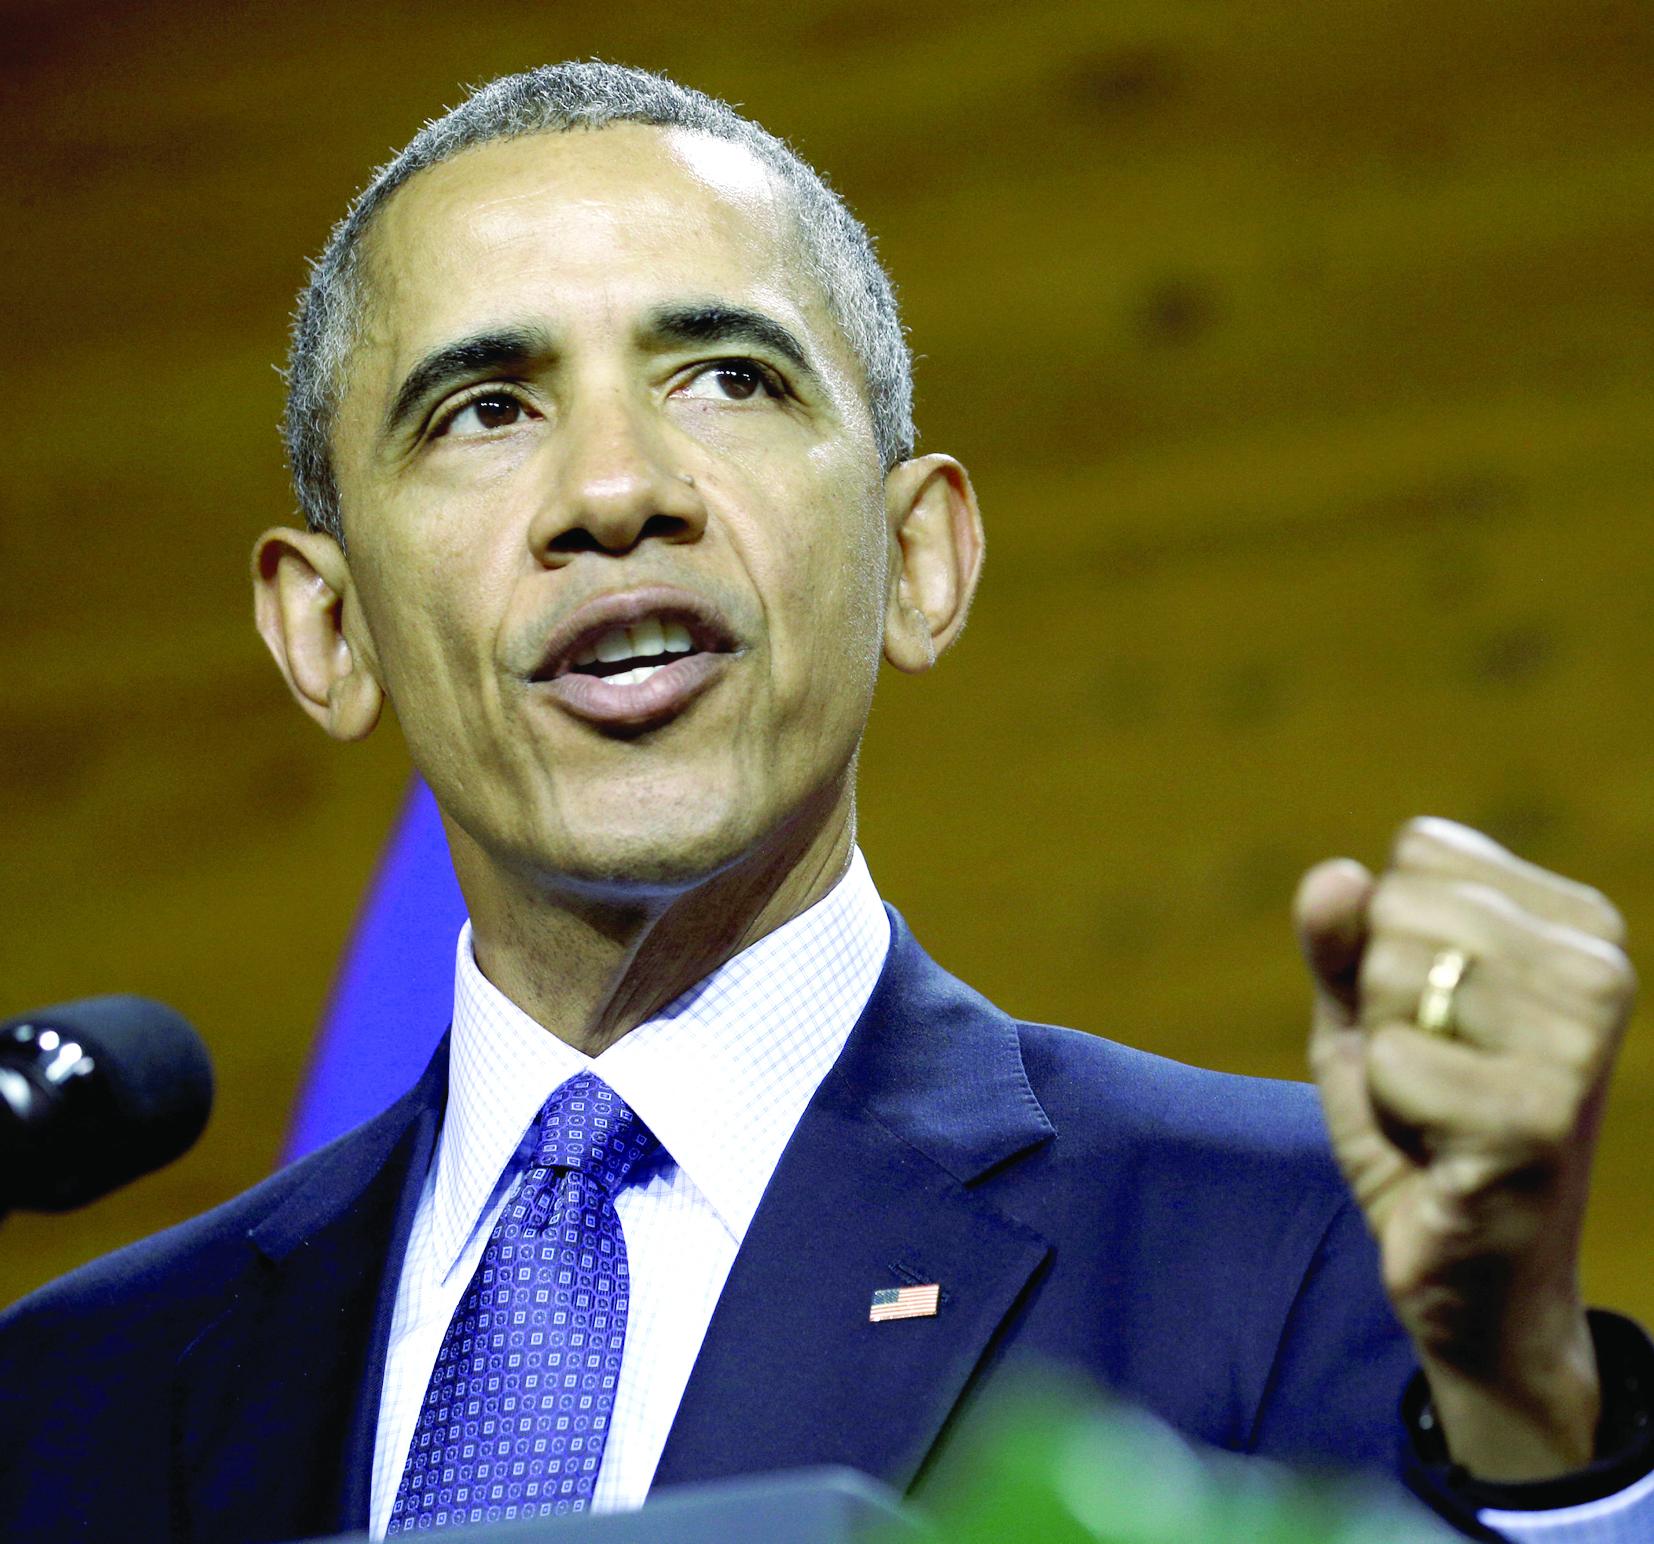 أوباما يعين سفيرا لدى كوبا في قرار يتوقع أن يرفضه مجلس الشيوخ